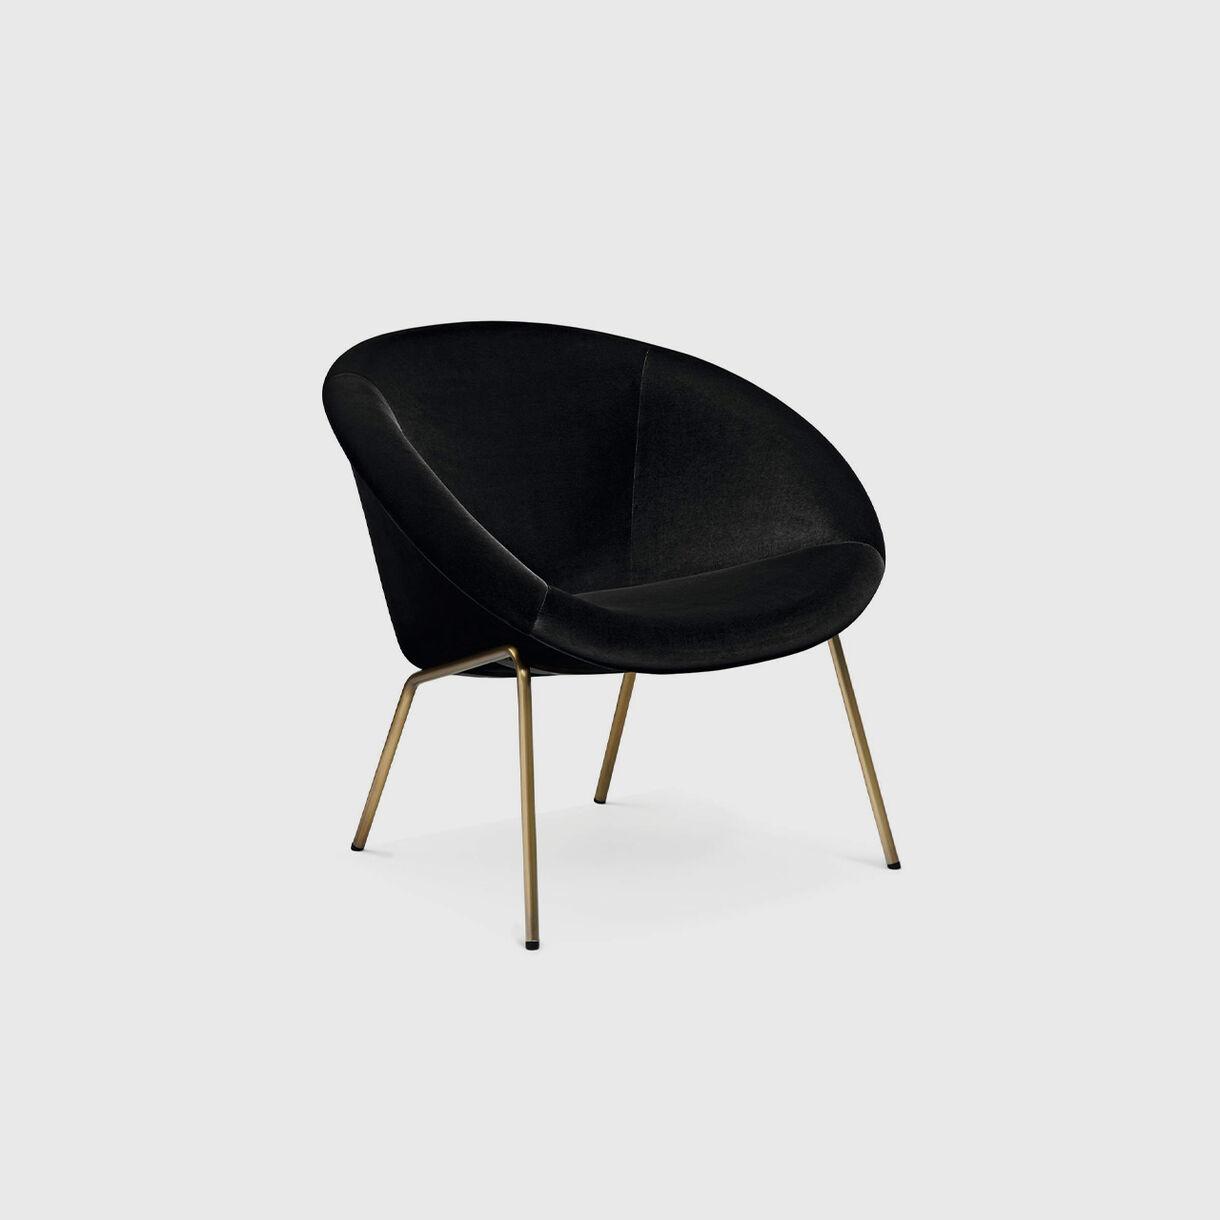 369 Chair in Brass with Black Velvet